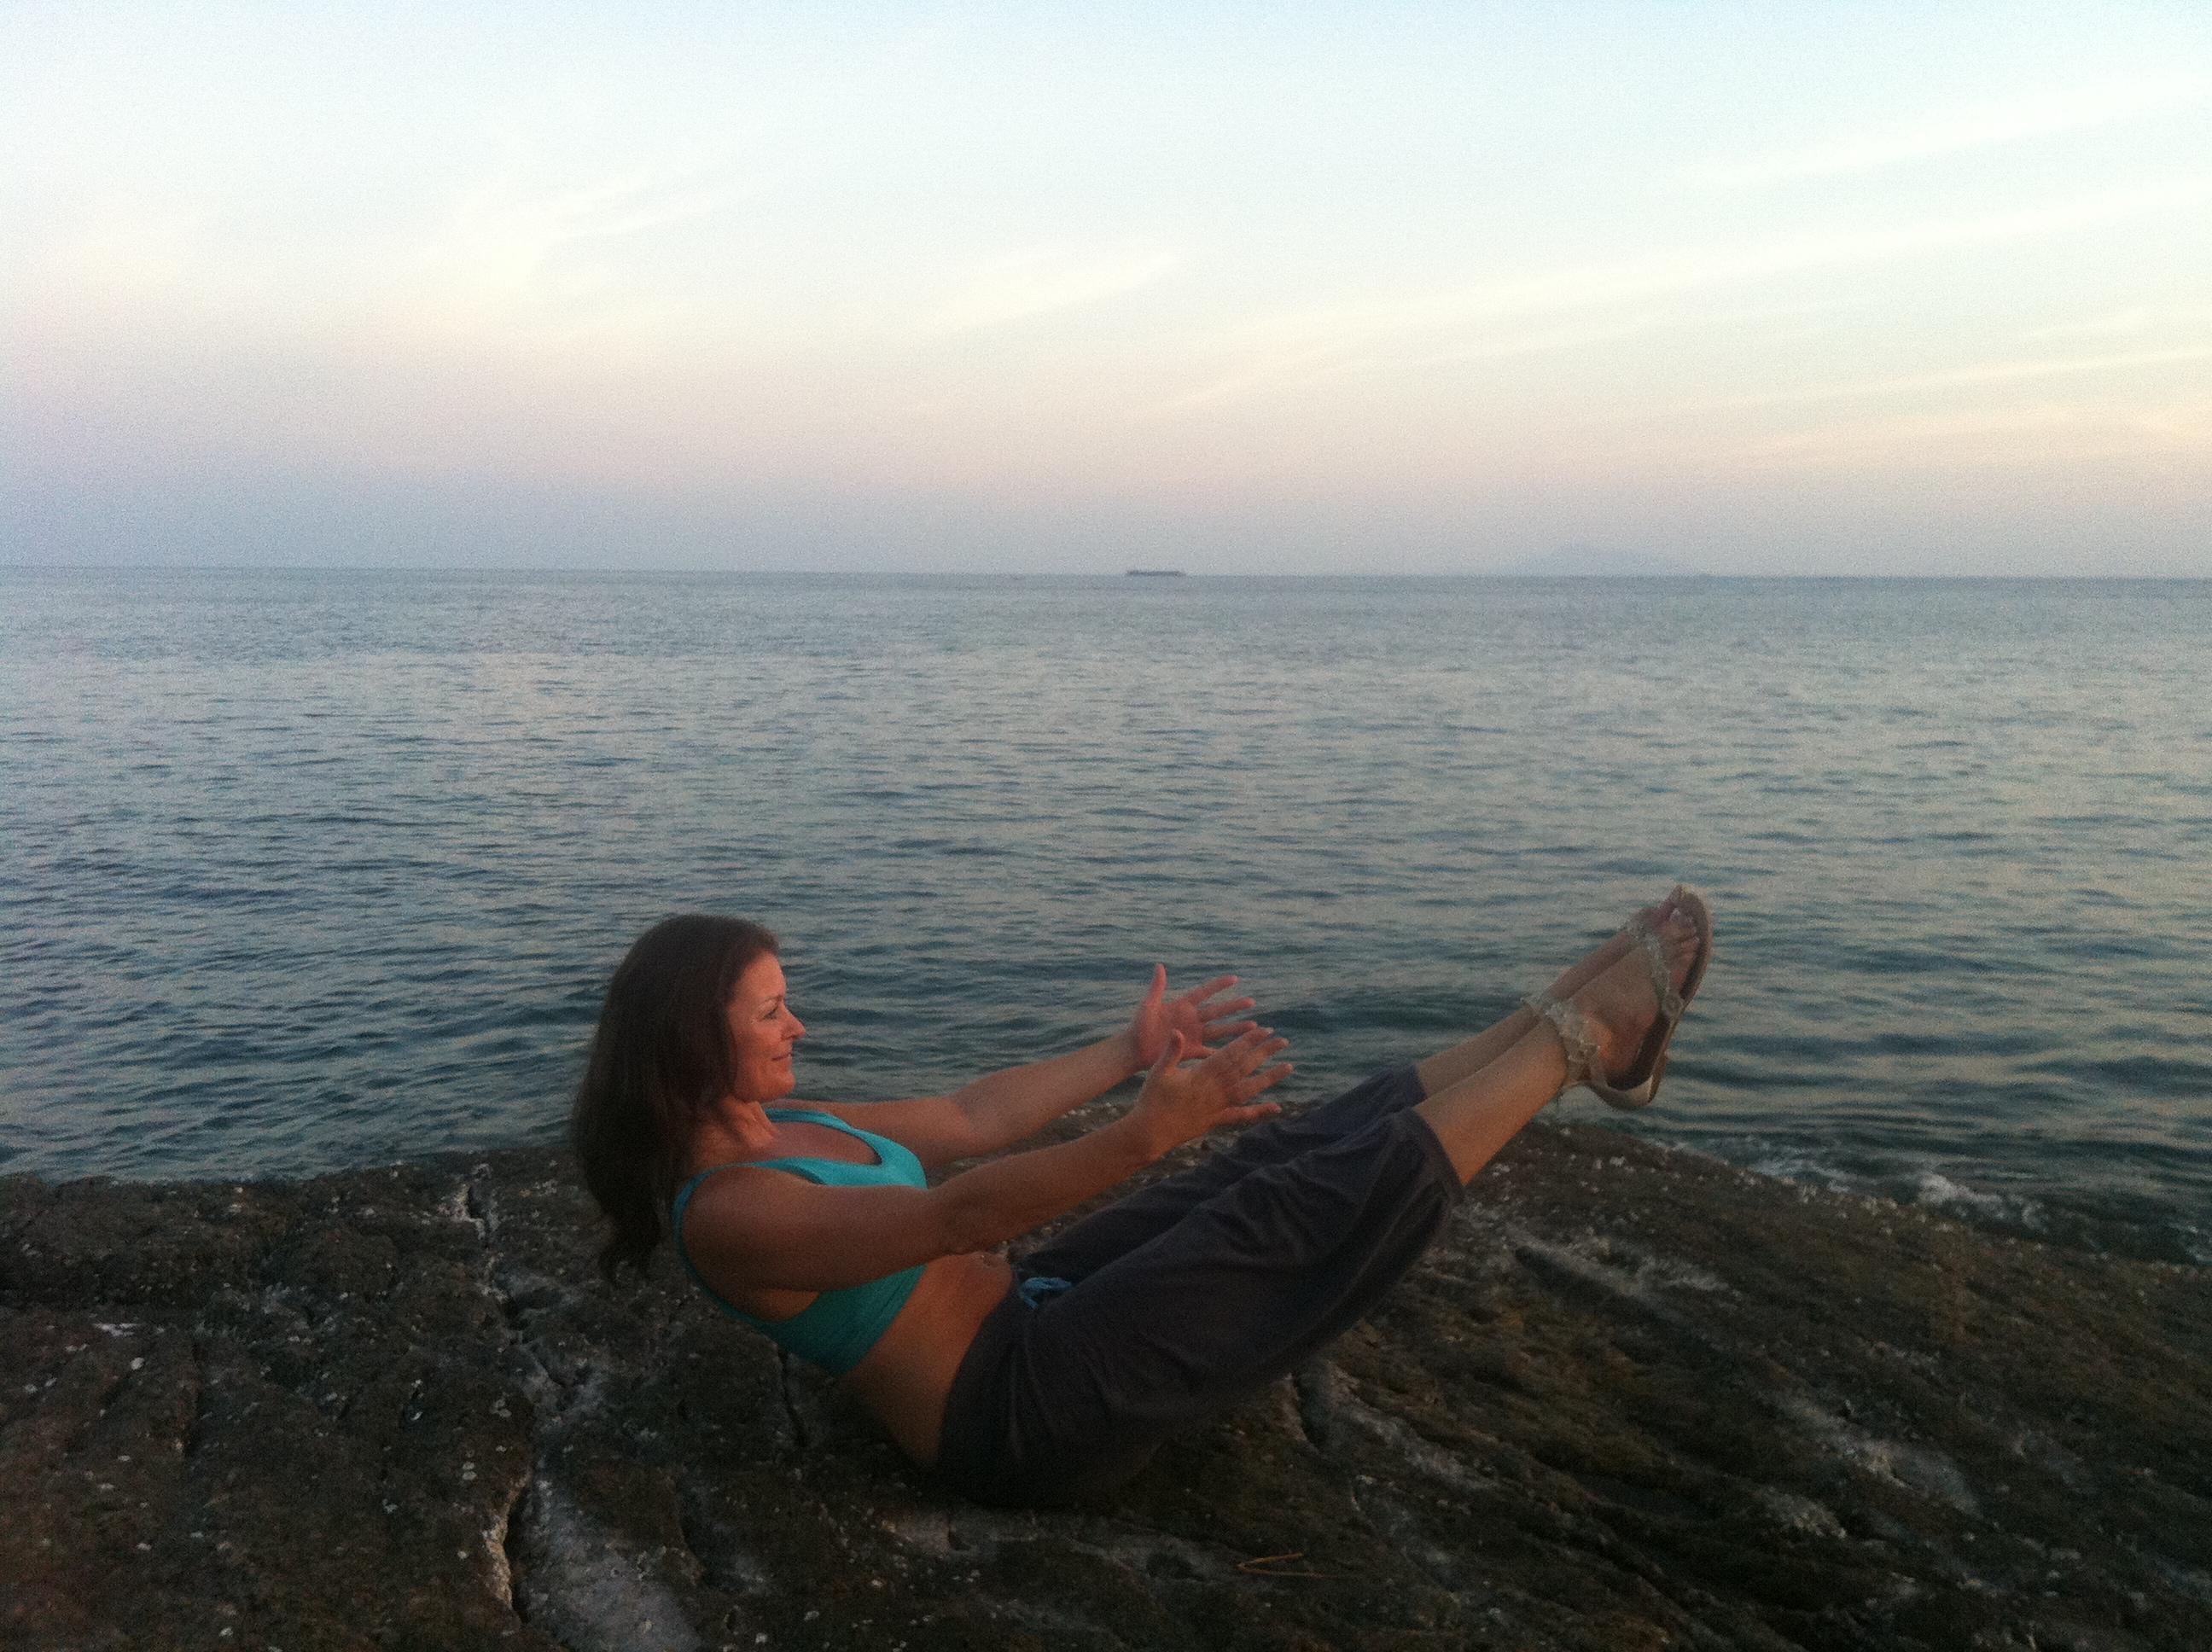 Yoga Poses Ayurvedicyogalifestyle Co Uk